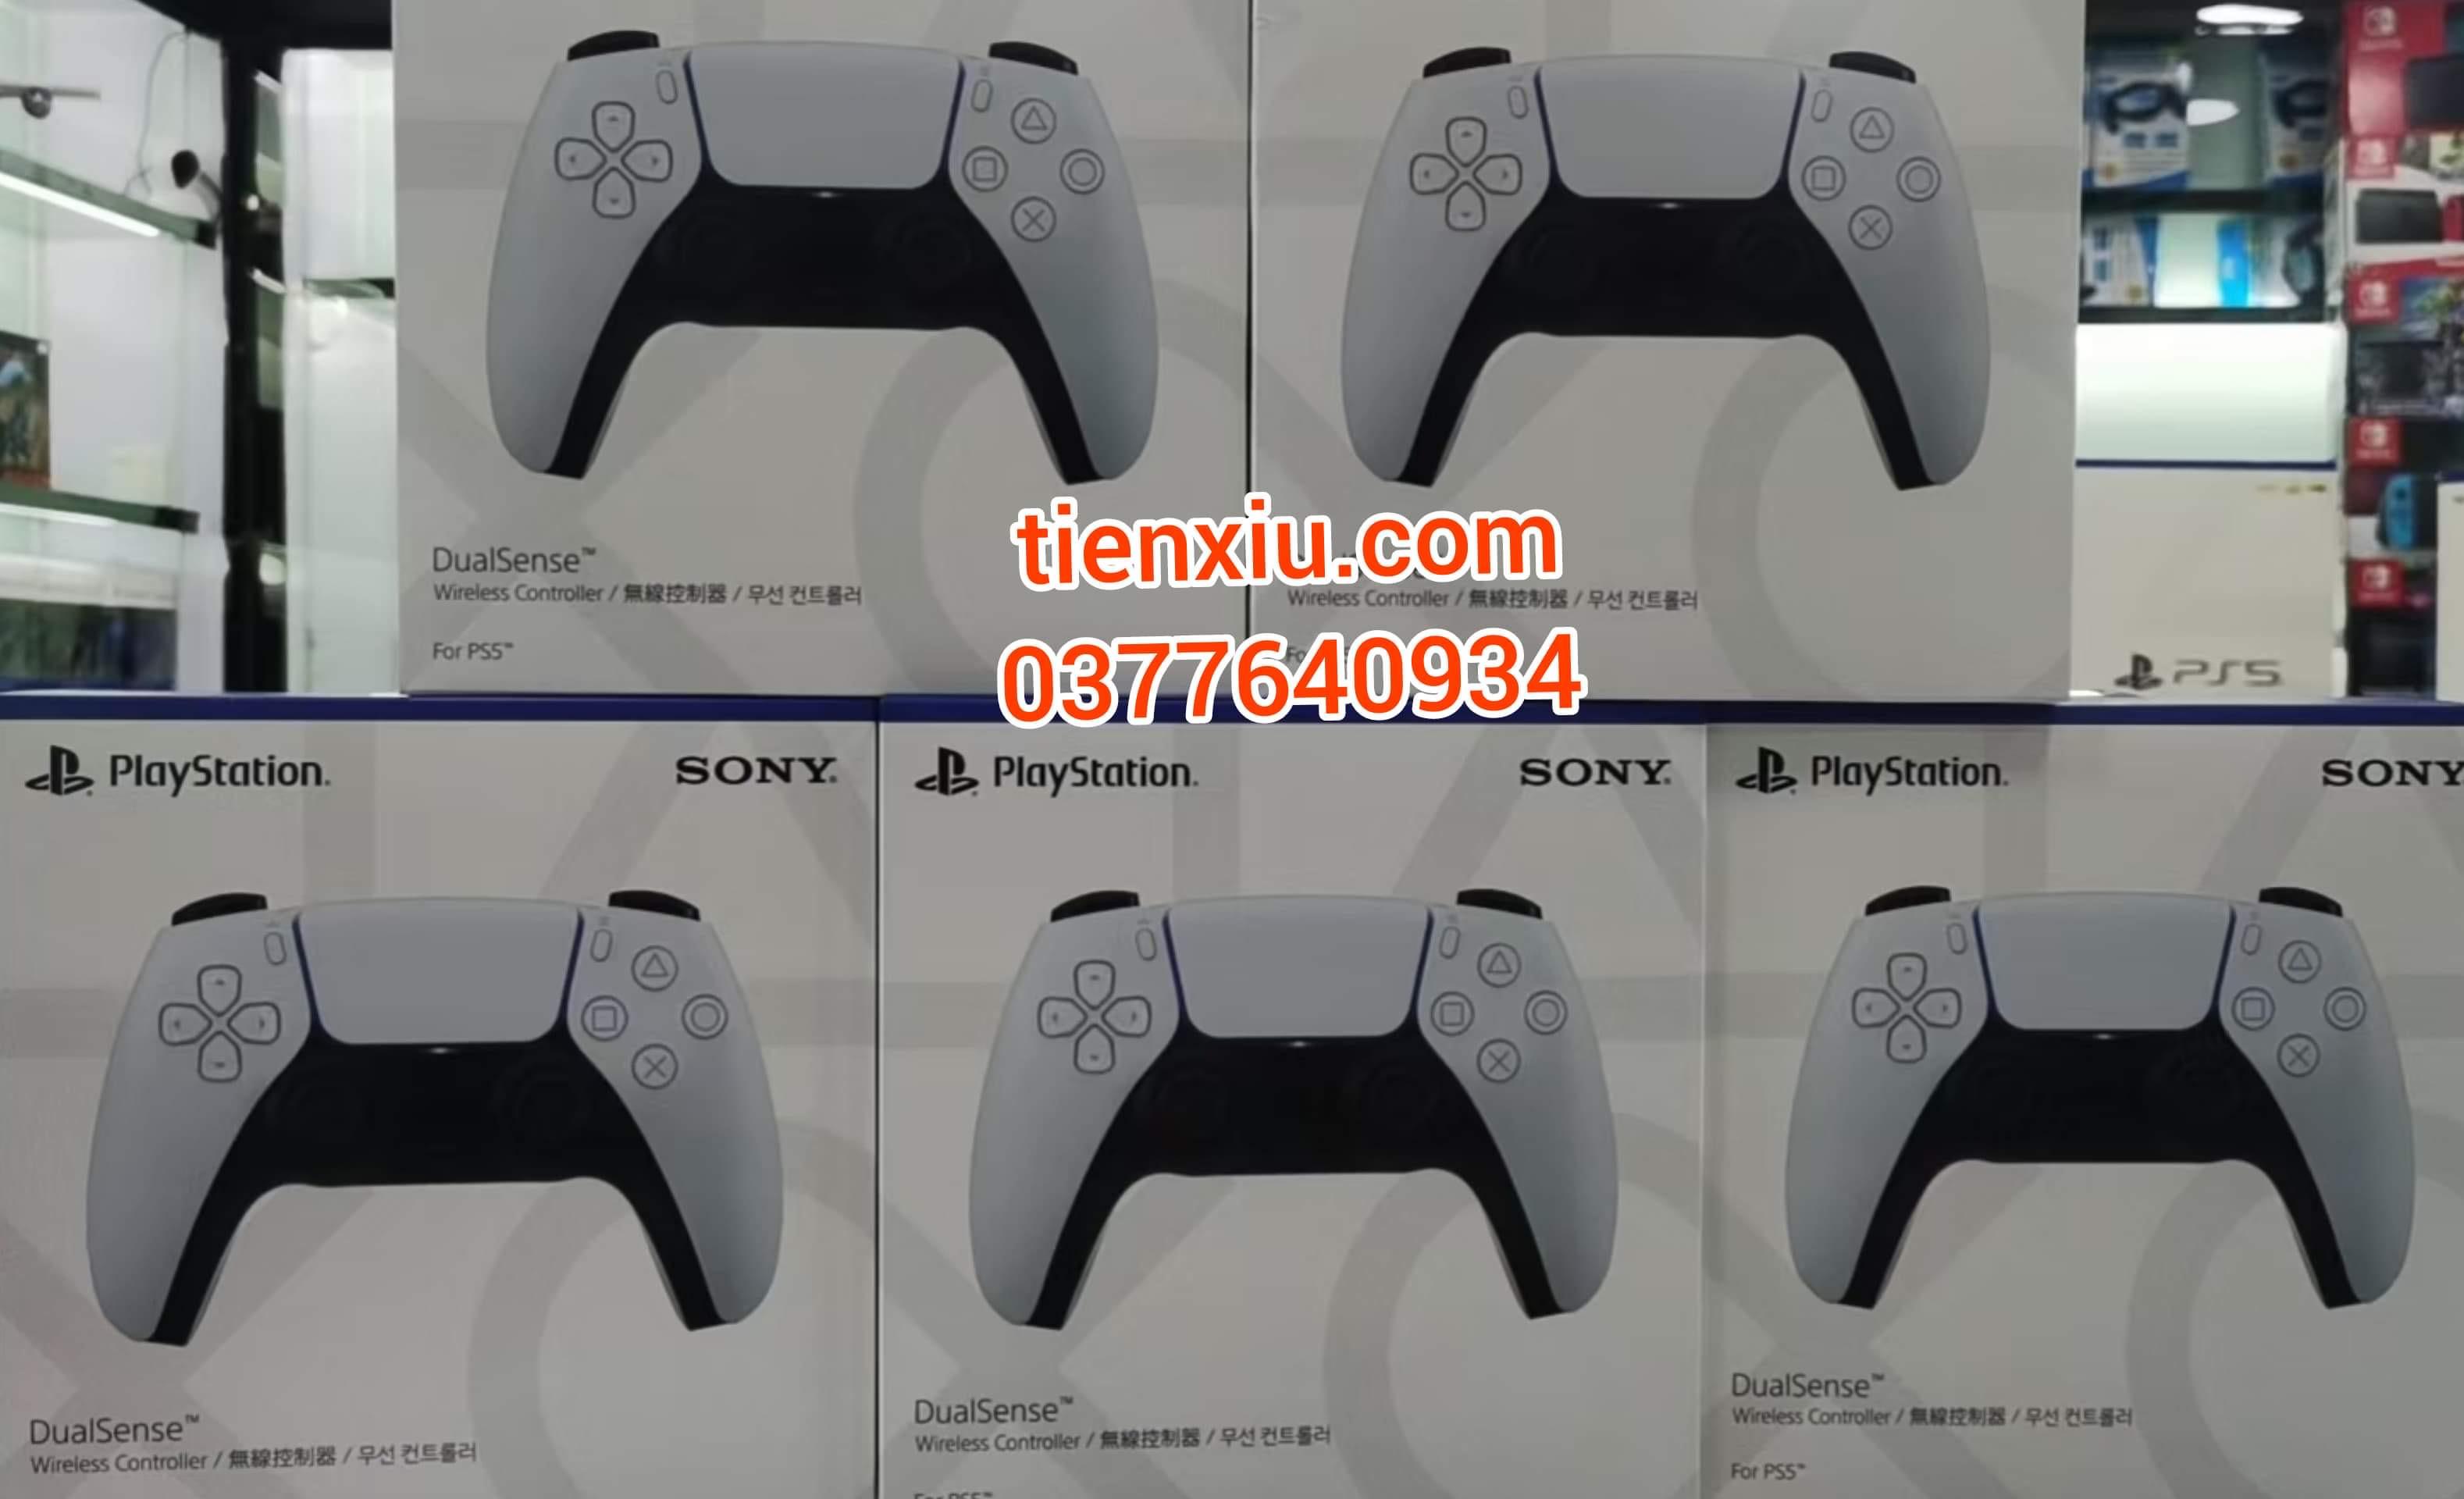 tay cầm Ps5 Sony việt nam chính hãng bảo hành 12 tháng